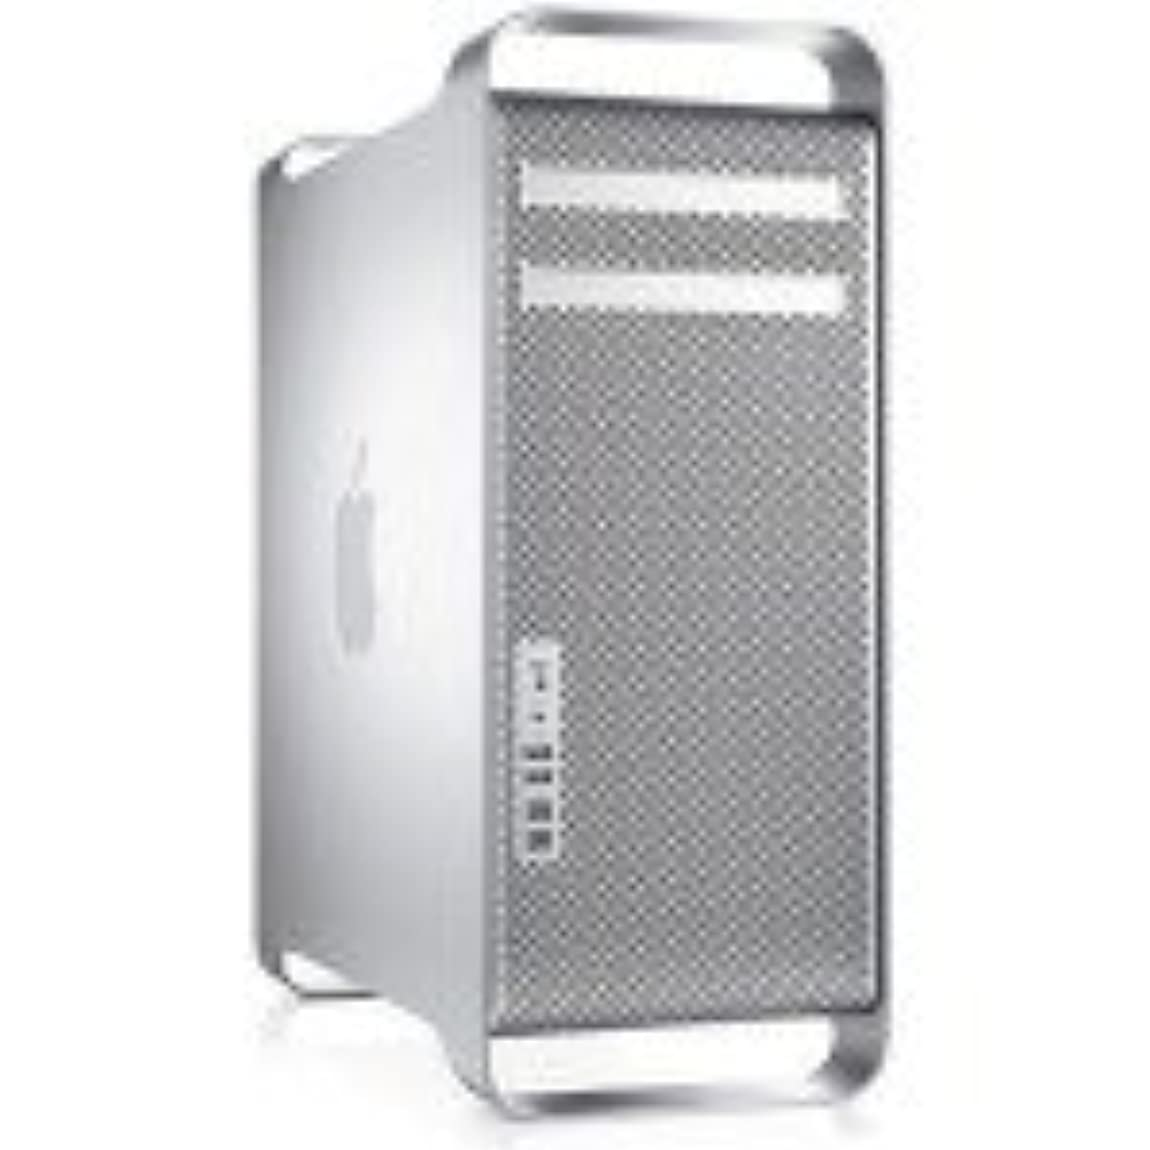 懸念リングバックわずかにAPPLE Mac Pro 2.66GHz Quad Core Xeon 3GB 640GB MB871J/A